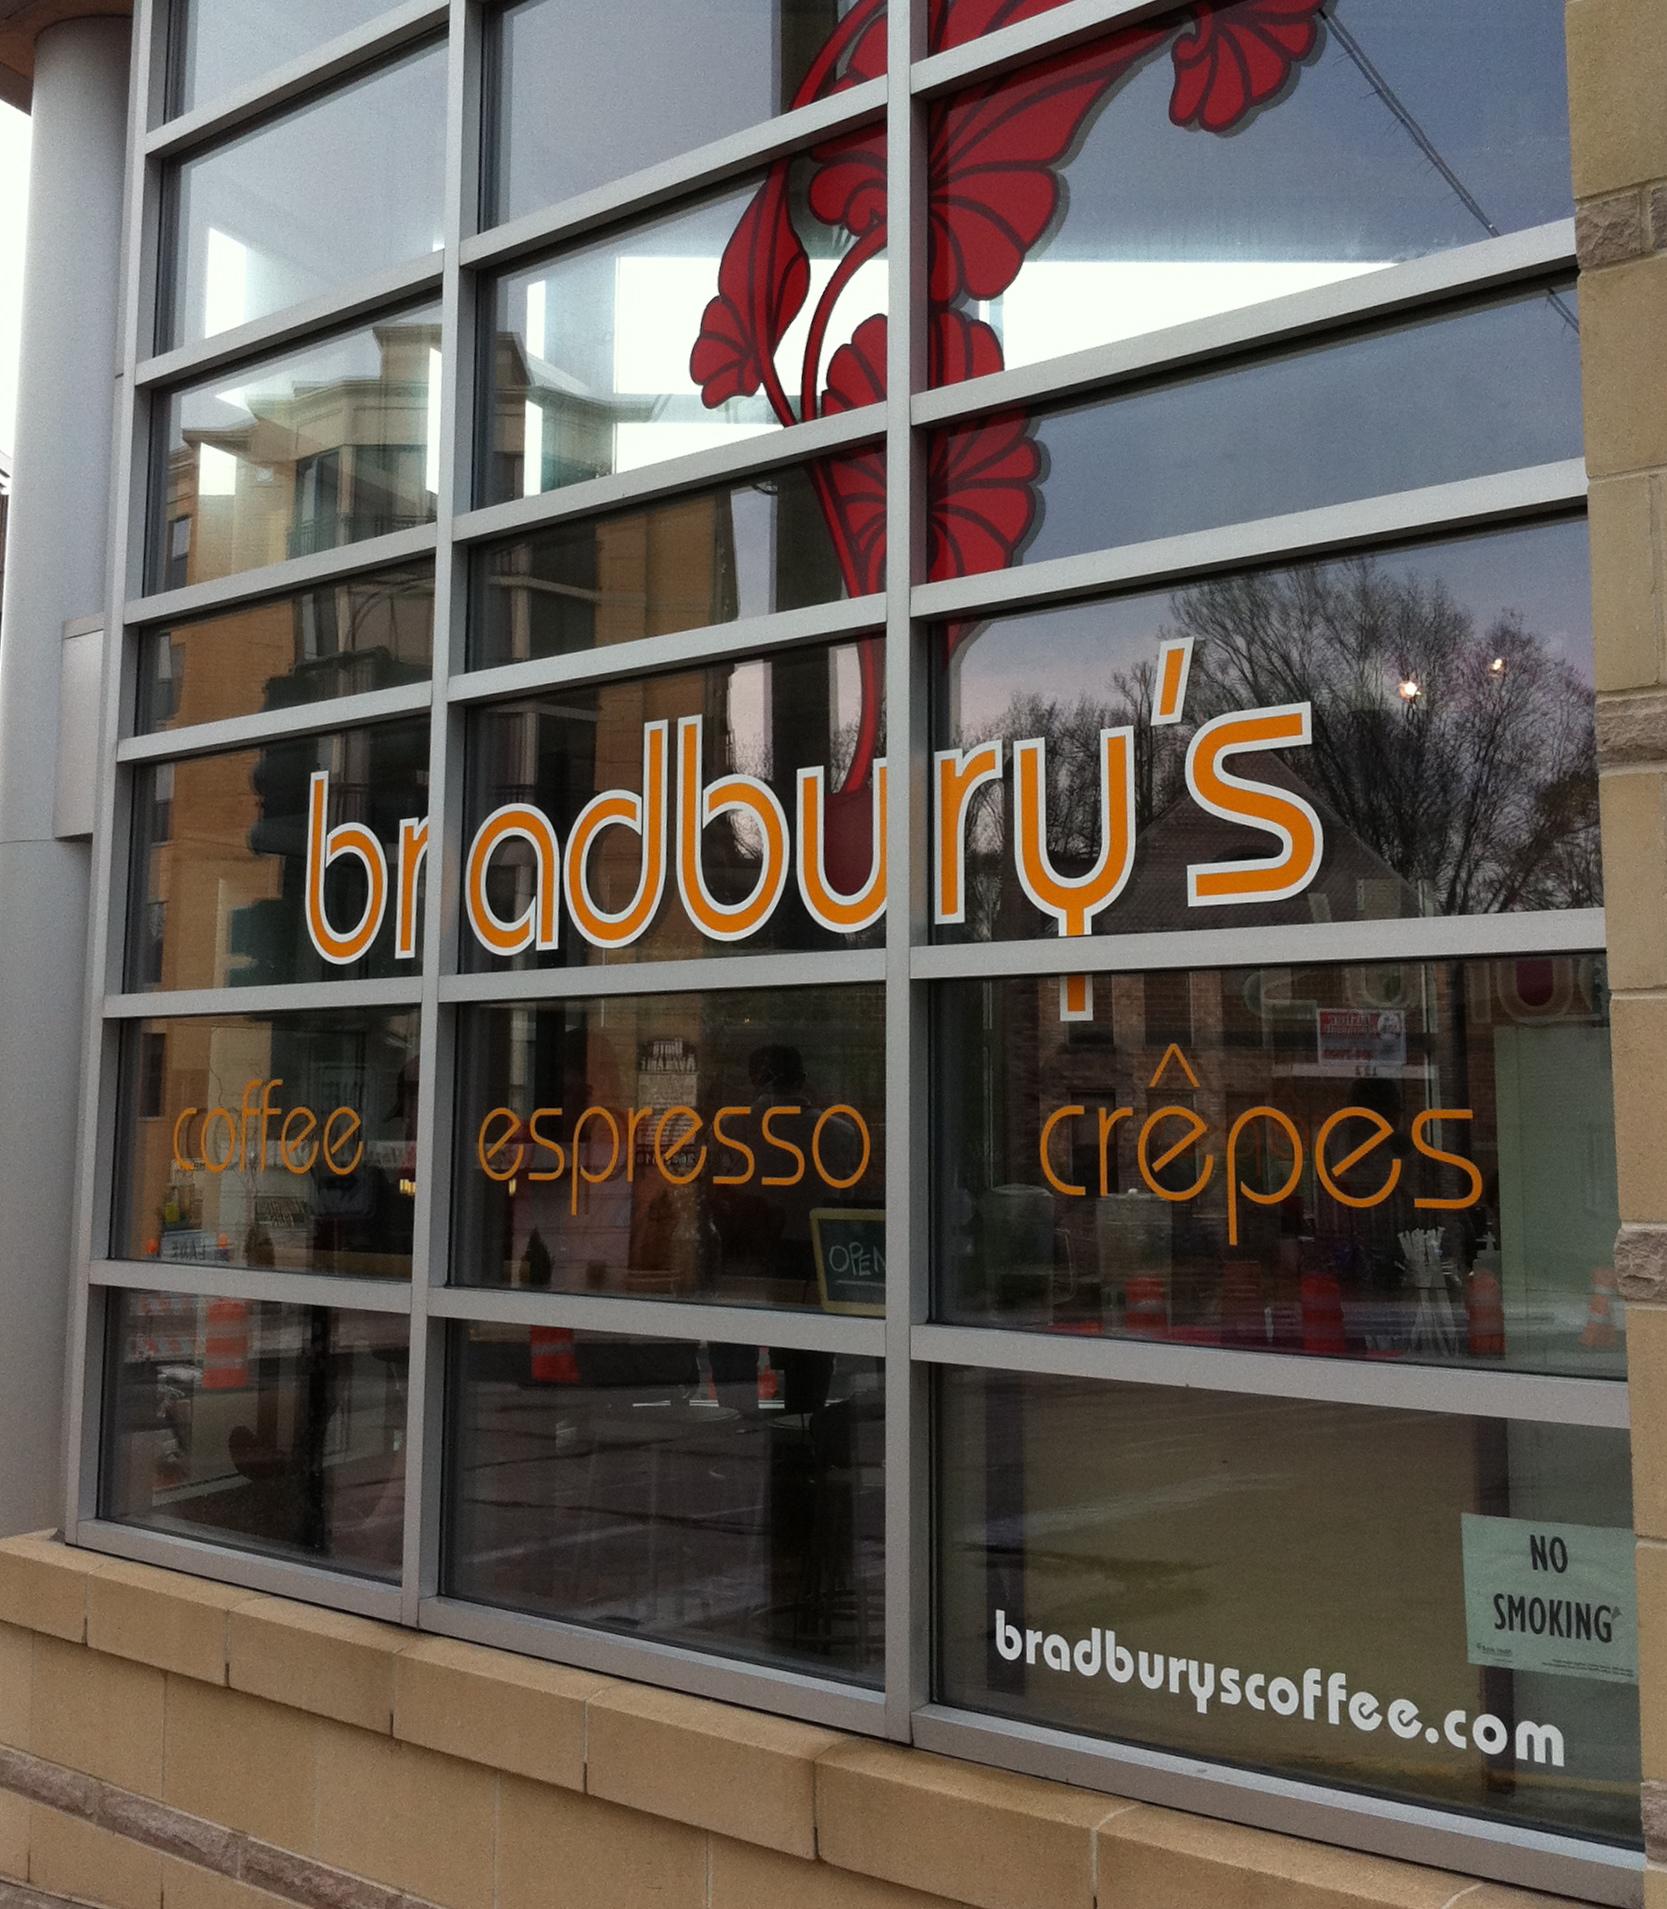 Bradbury's Coffee